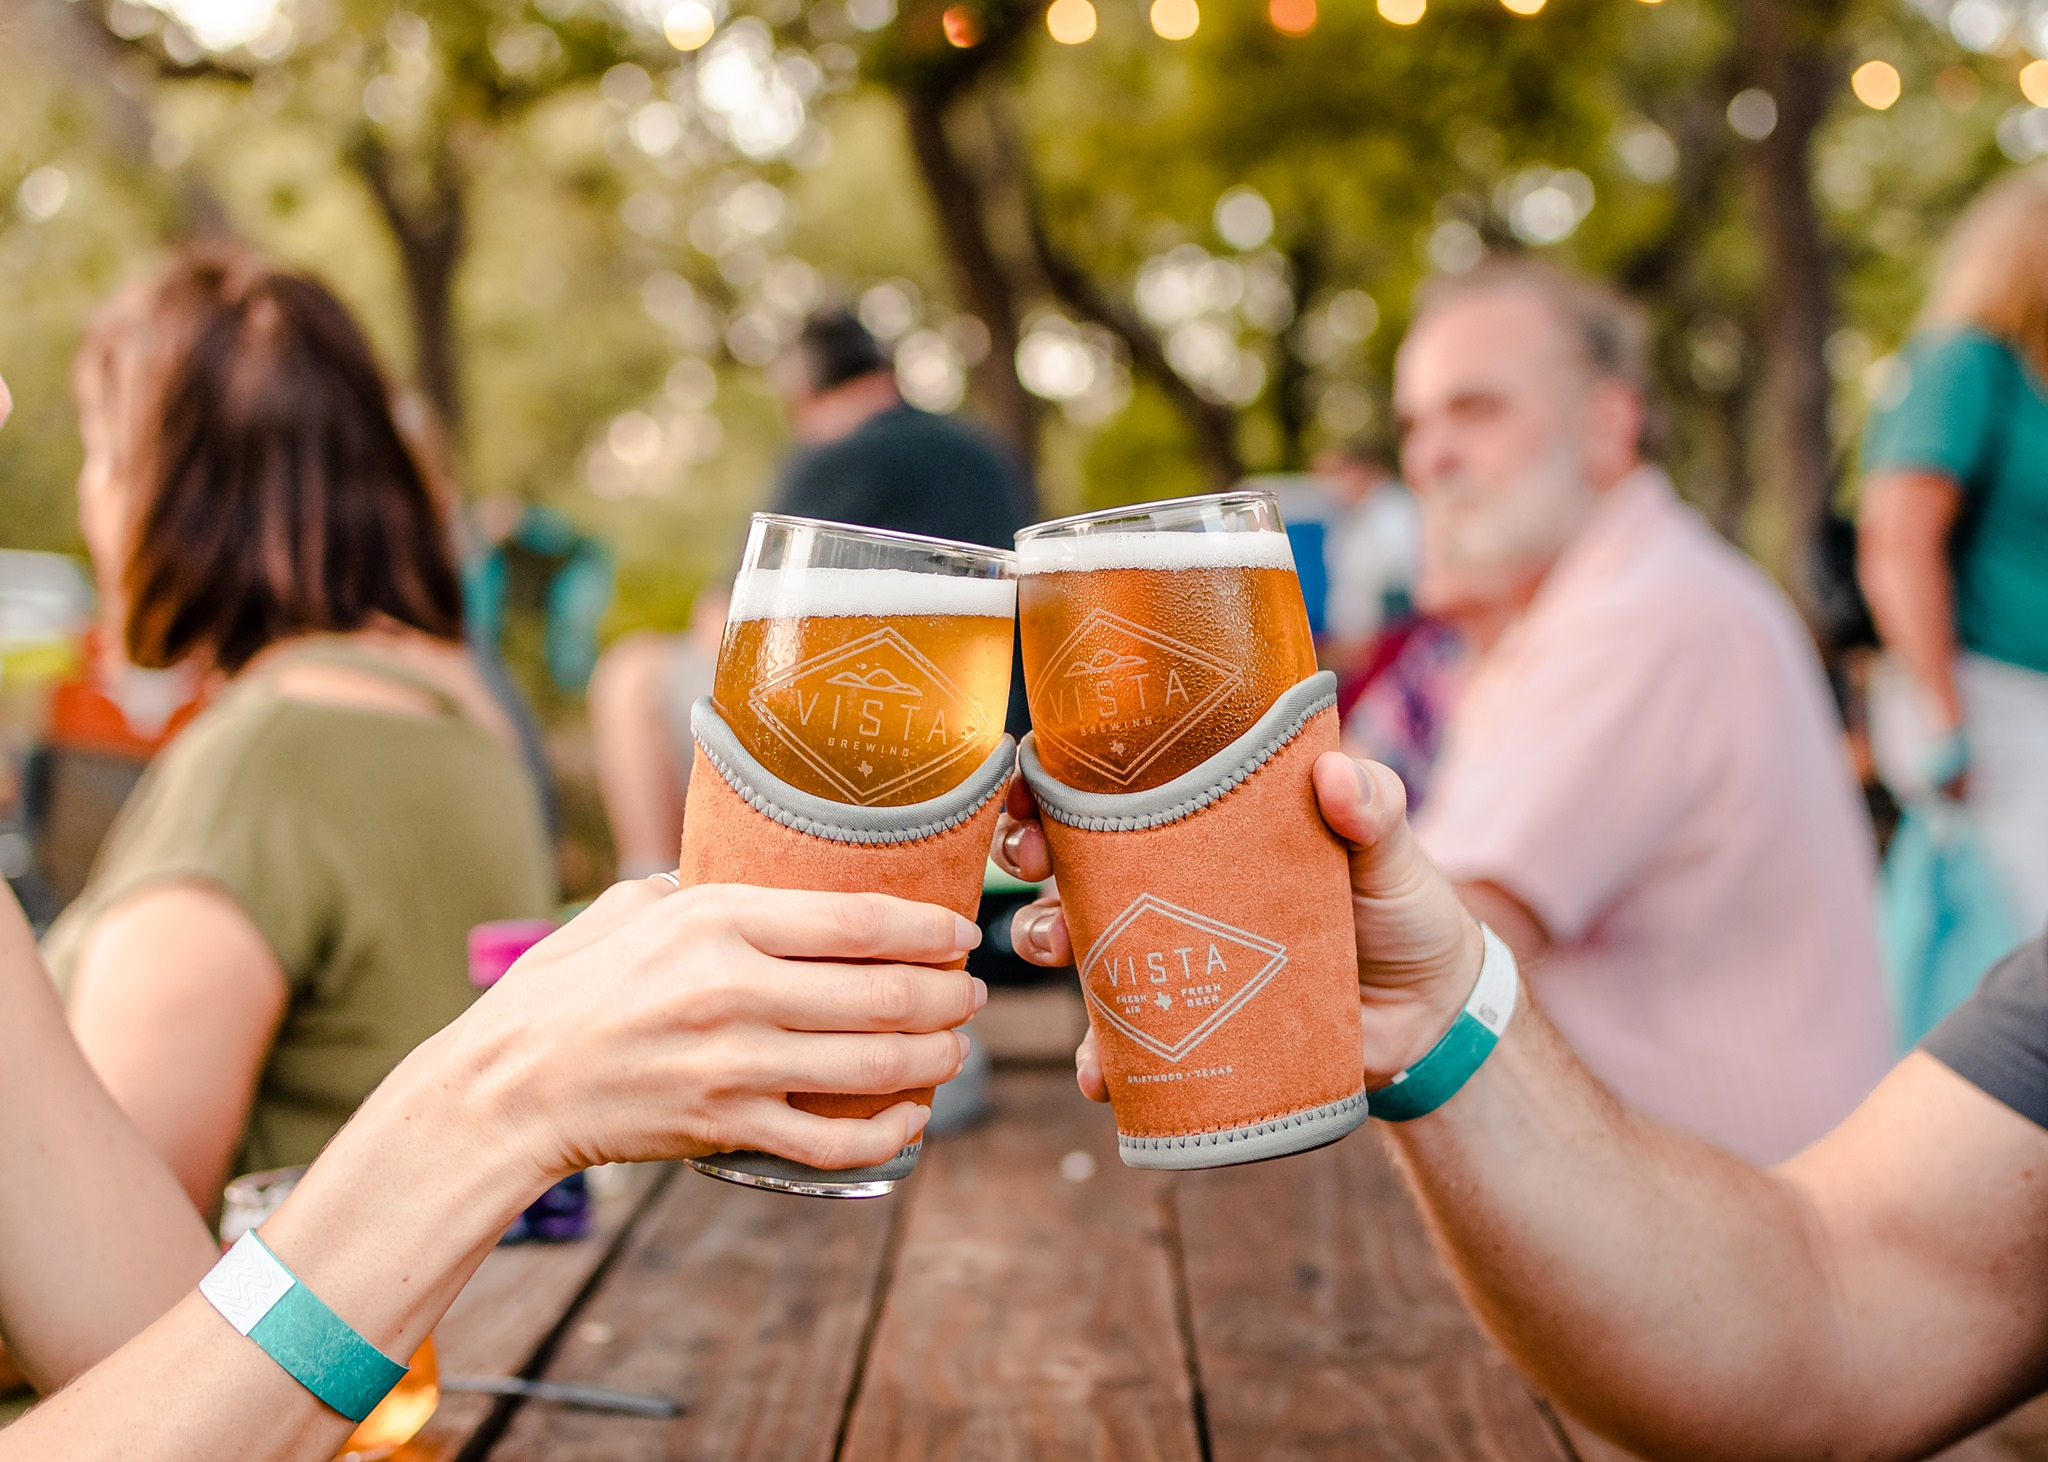 Vista Brewing's San Antonio beer garden